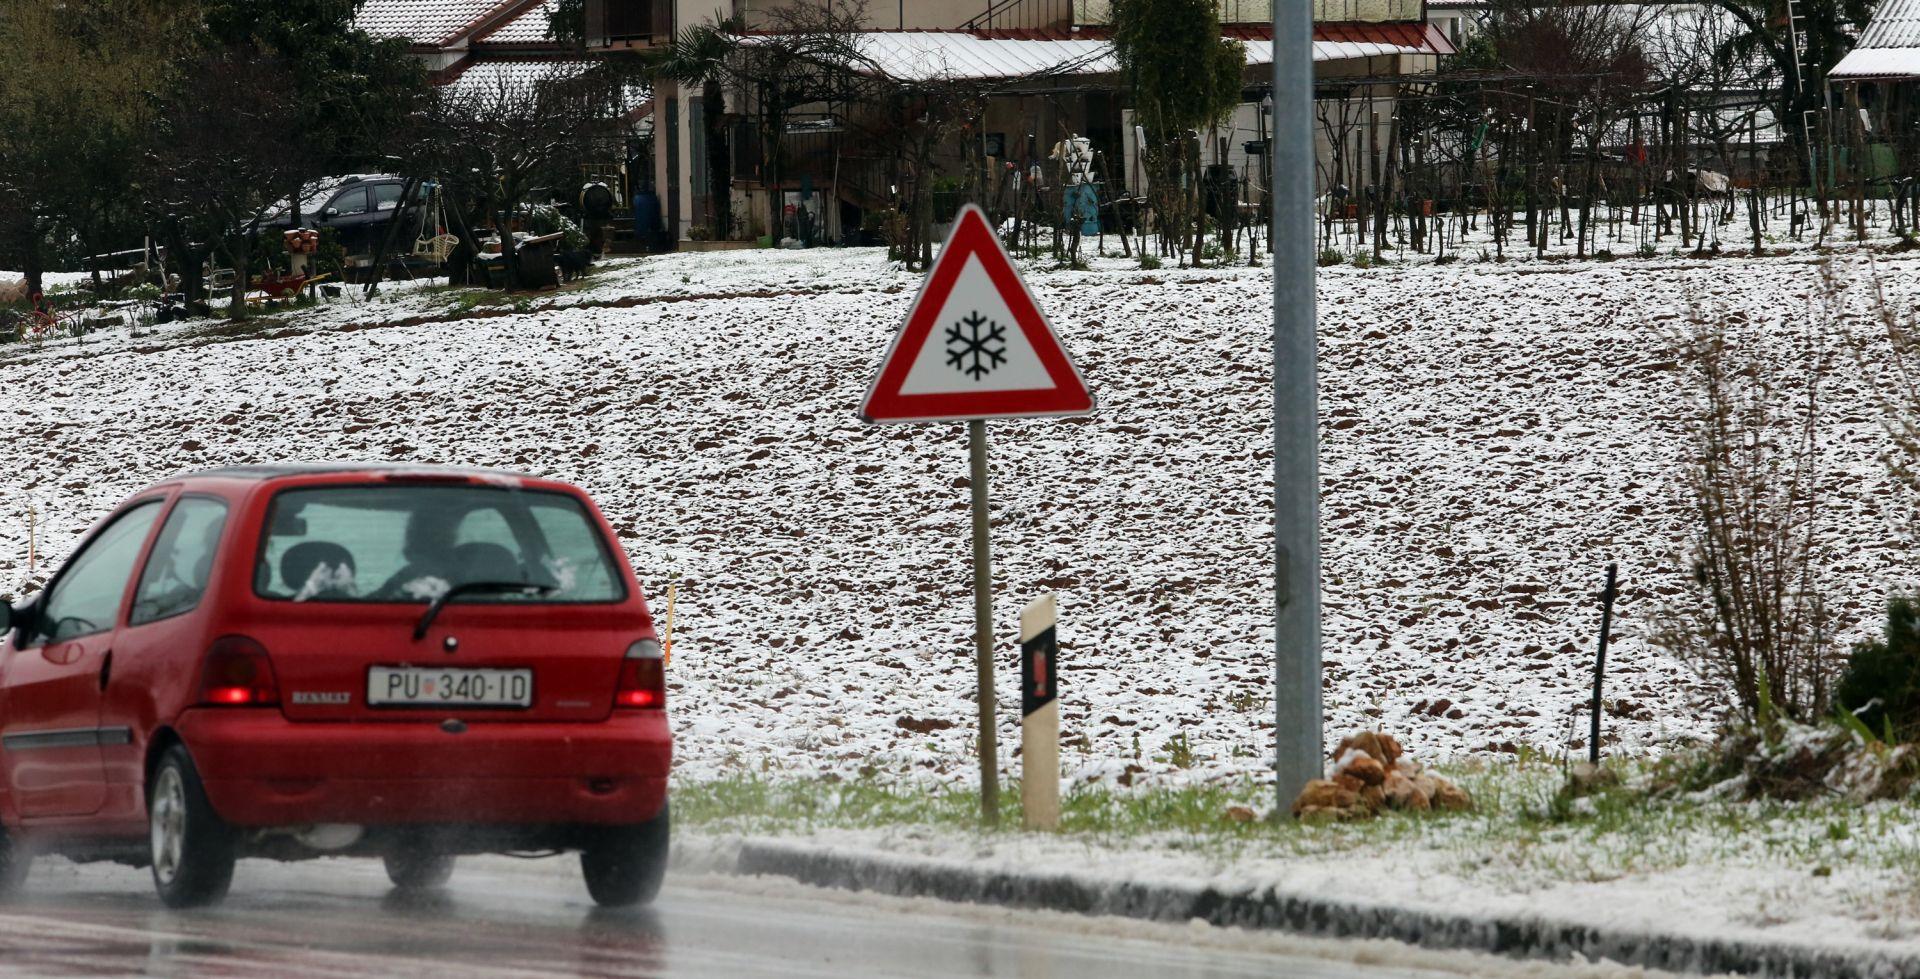 ZIMSKI UVJETI NA CESTAMA Zastoji u pomorskom prometu, snijeg i jak vjetar otežavaju promet